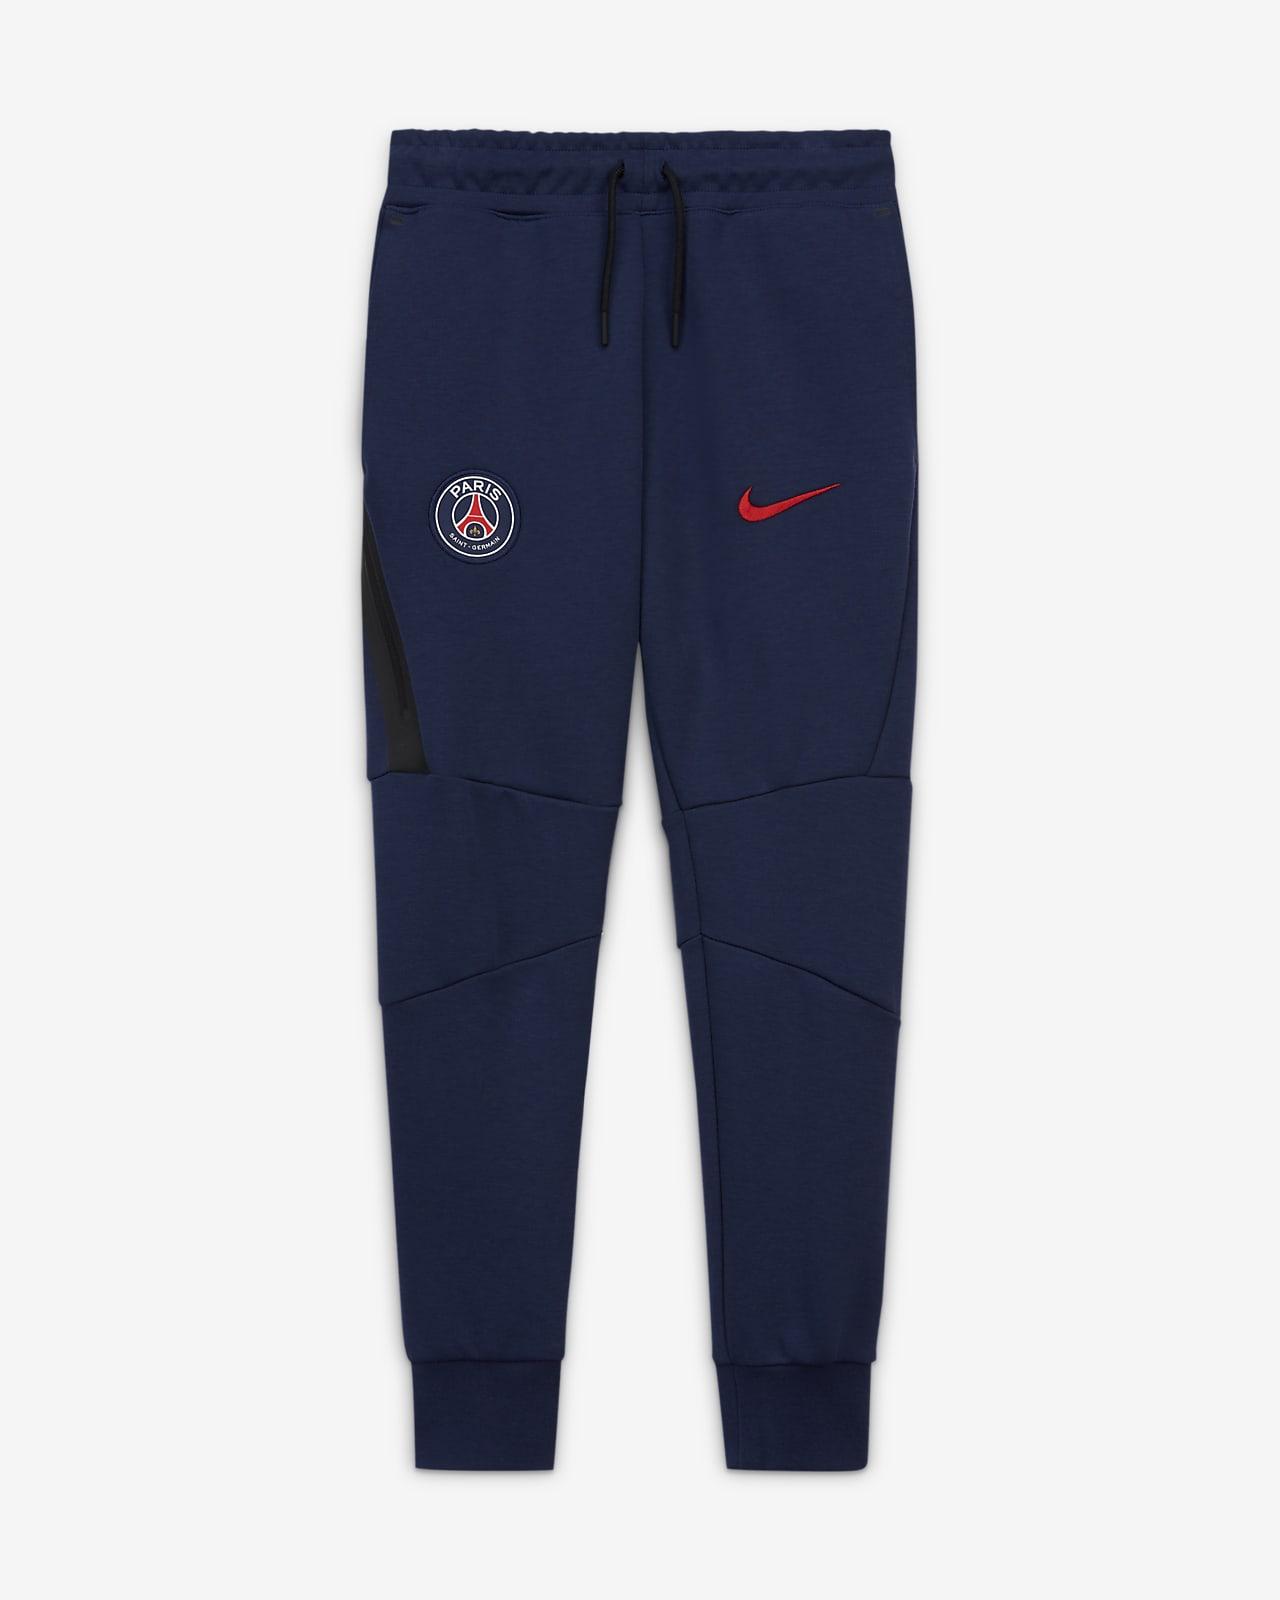 Pantalones de tejido Fleece para niños talla grande Paris Saint-Germain